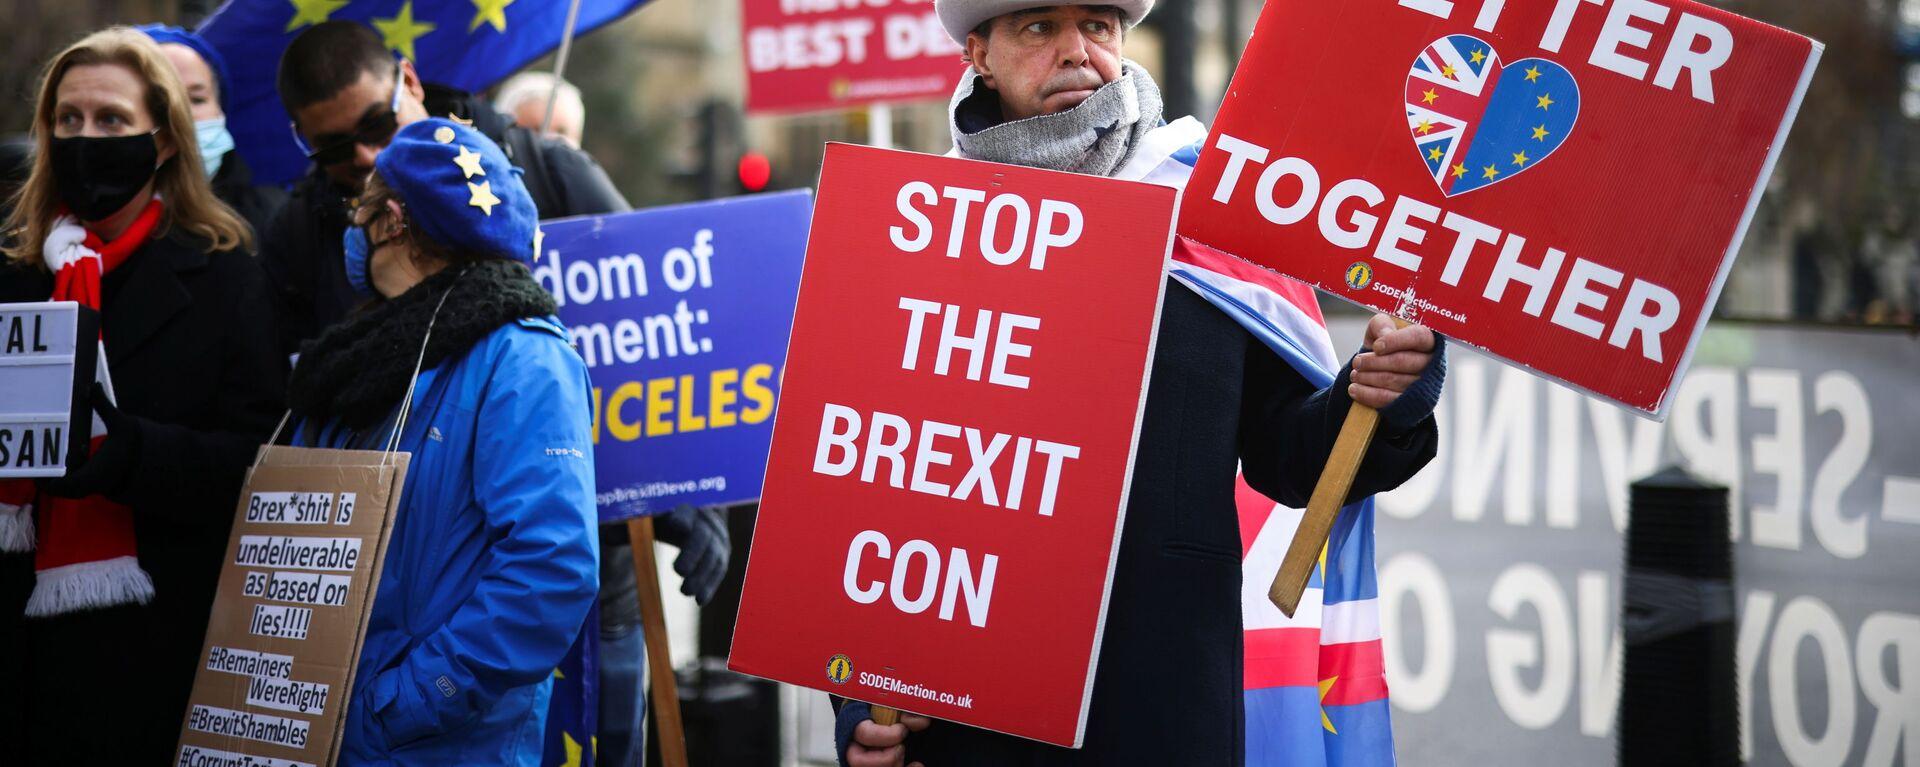 Demonstrace proti Brexitu před komorami parlamentu v Londýně - Sputnik Česká republika, 1920, 13.12.2020